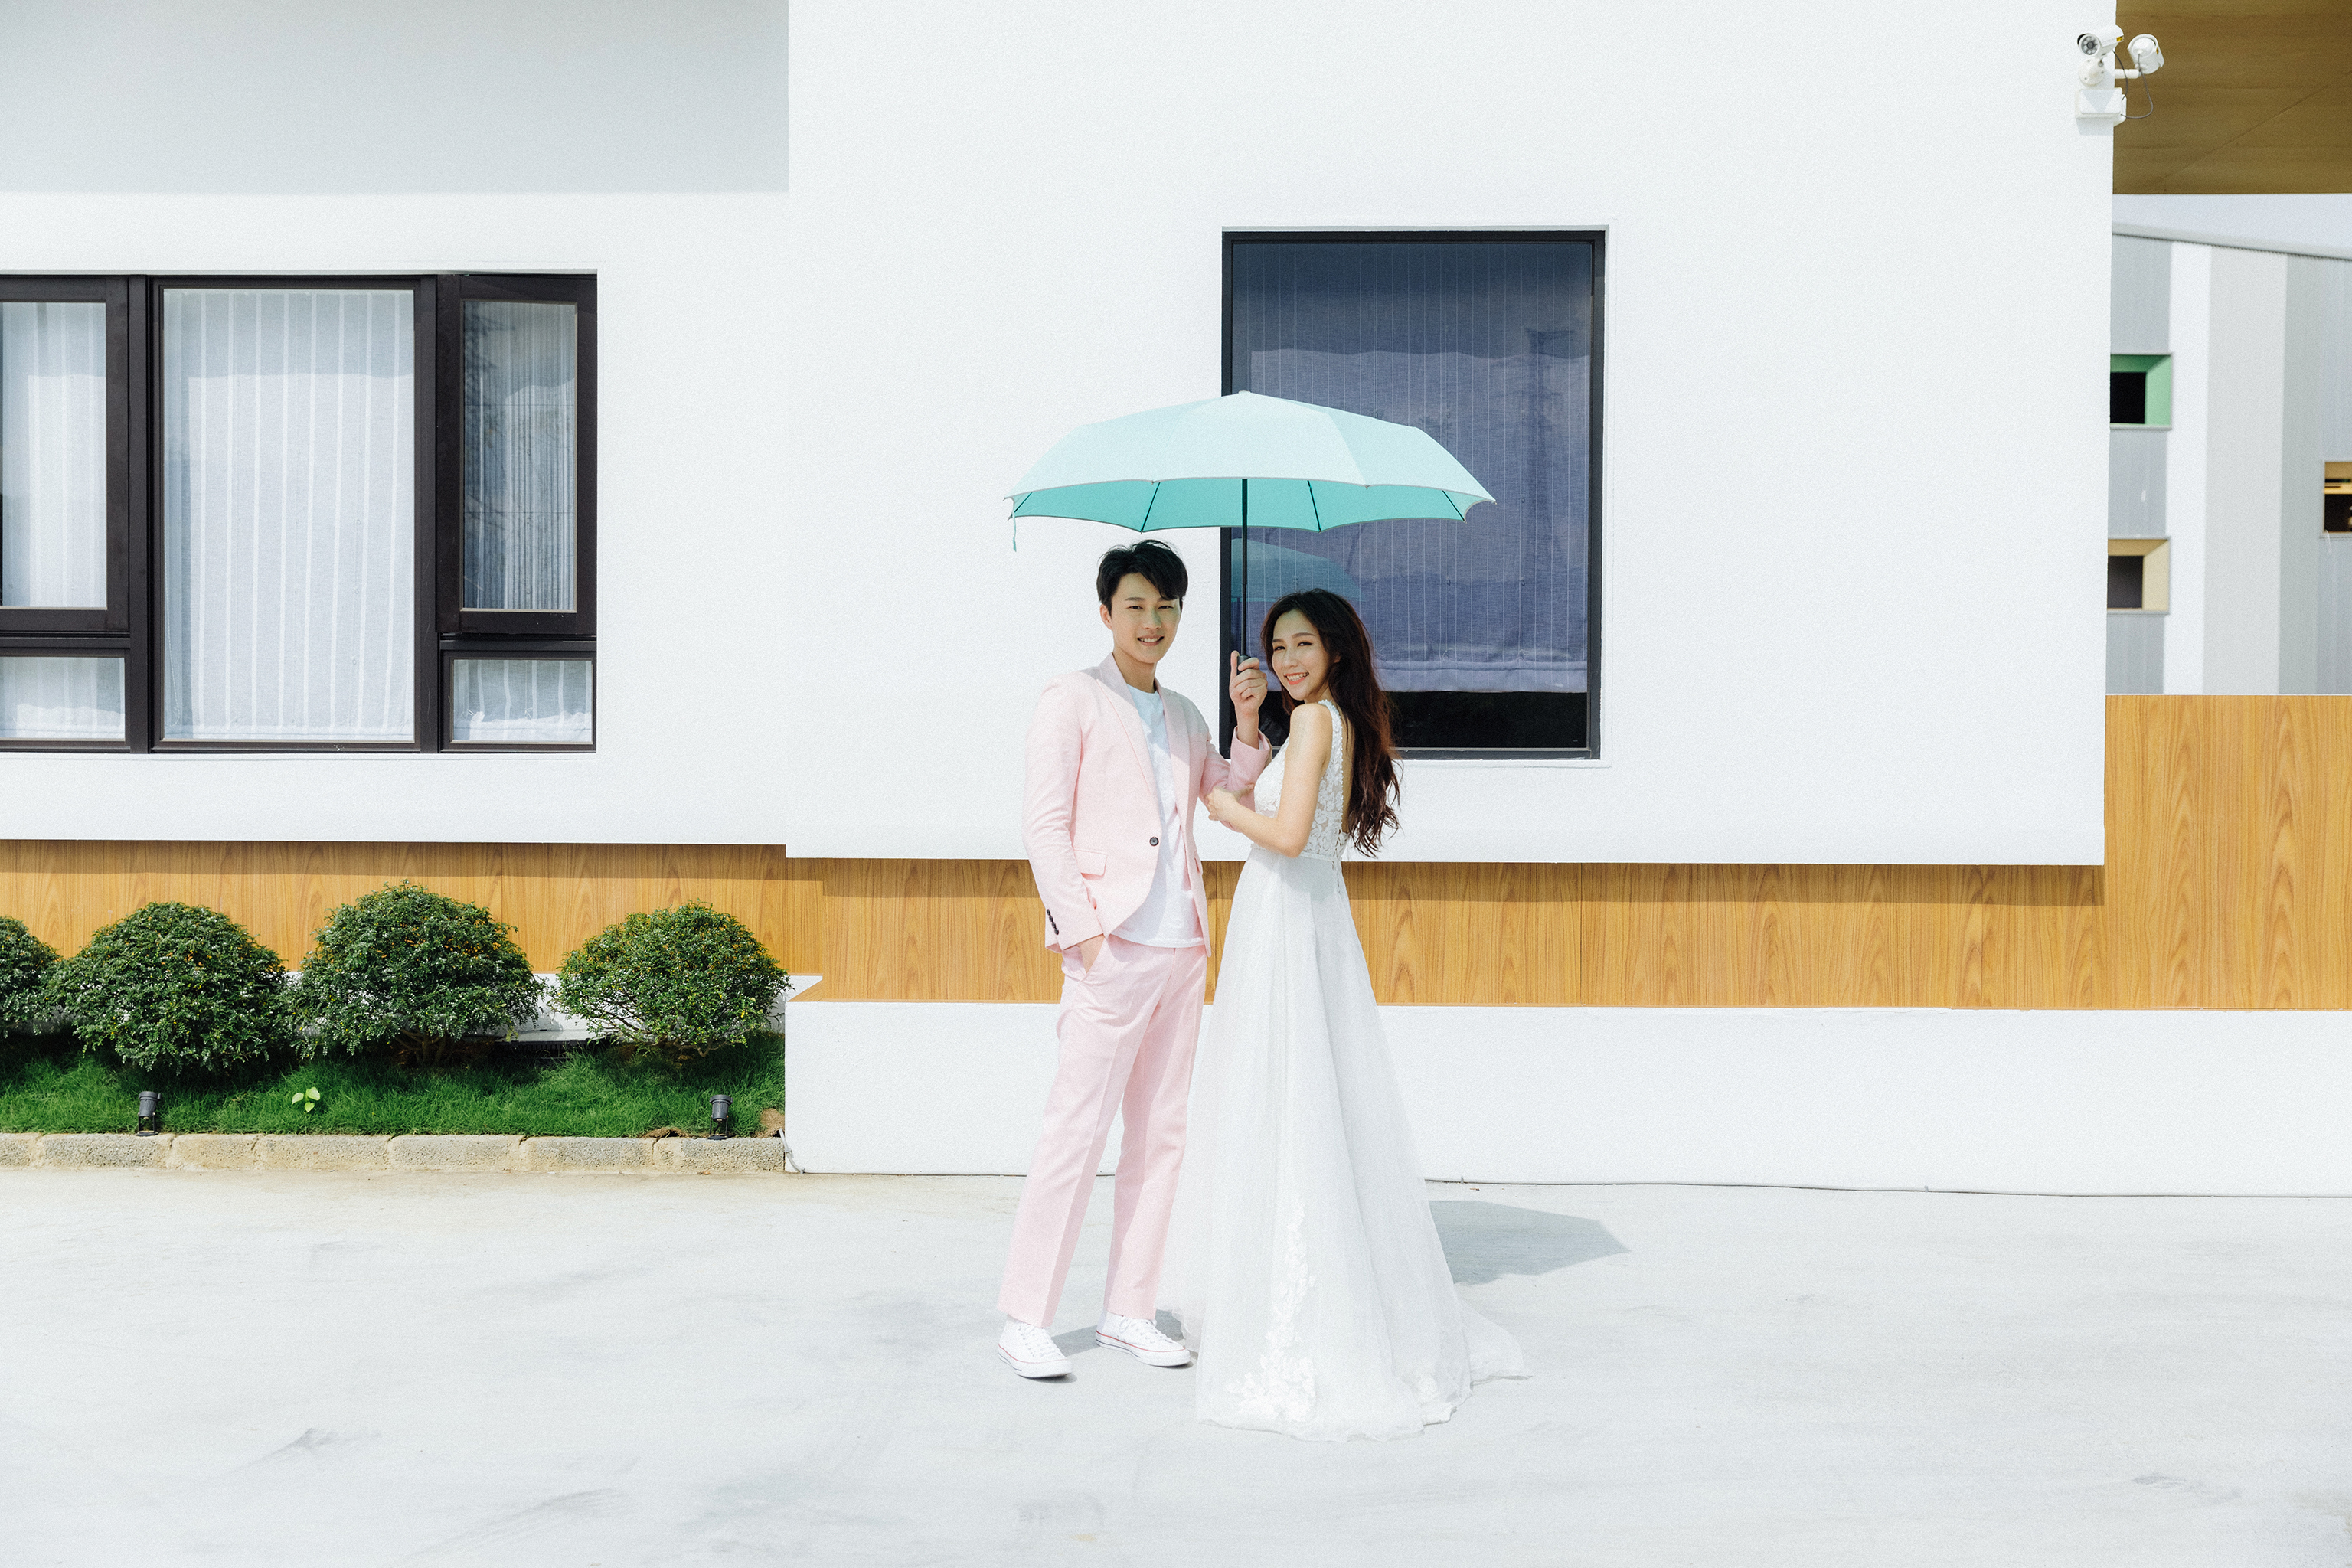 48592345052 054fa5769f o - 【自主婚紗】+Ying&Wiwi+